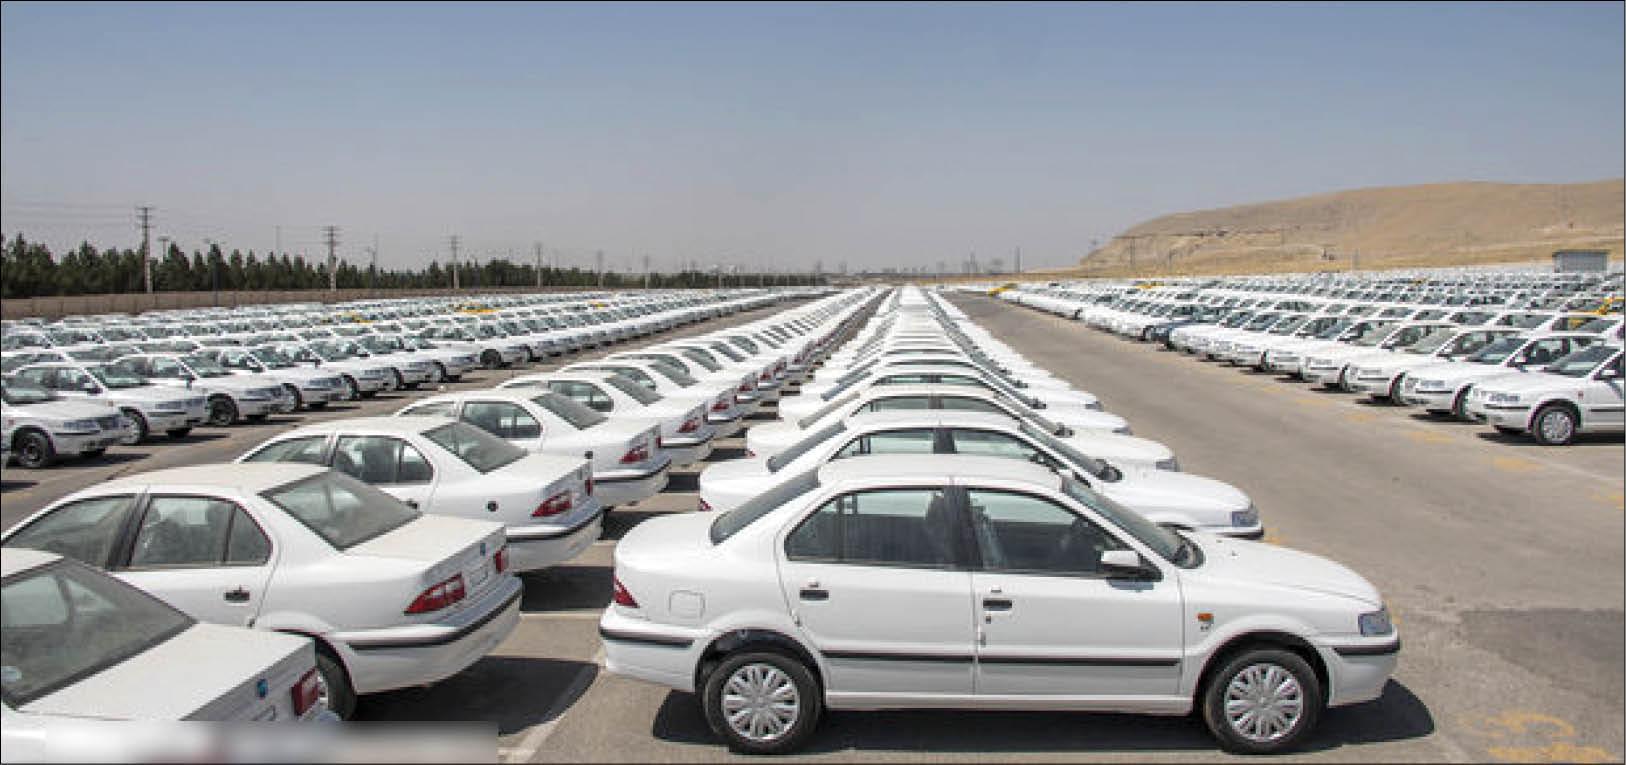 قانون عجیب برای پیش فروش خودرو و لغو آن از سوی سرپرست وزارت صنعت، معدن و تجارت